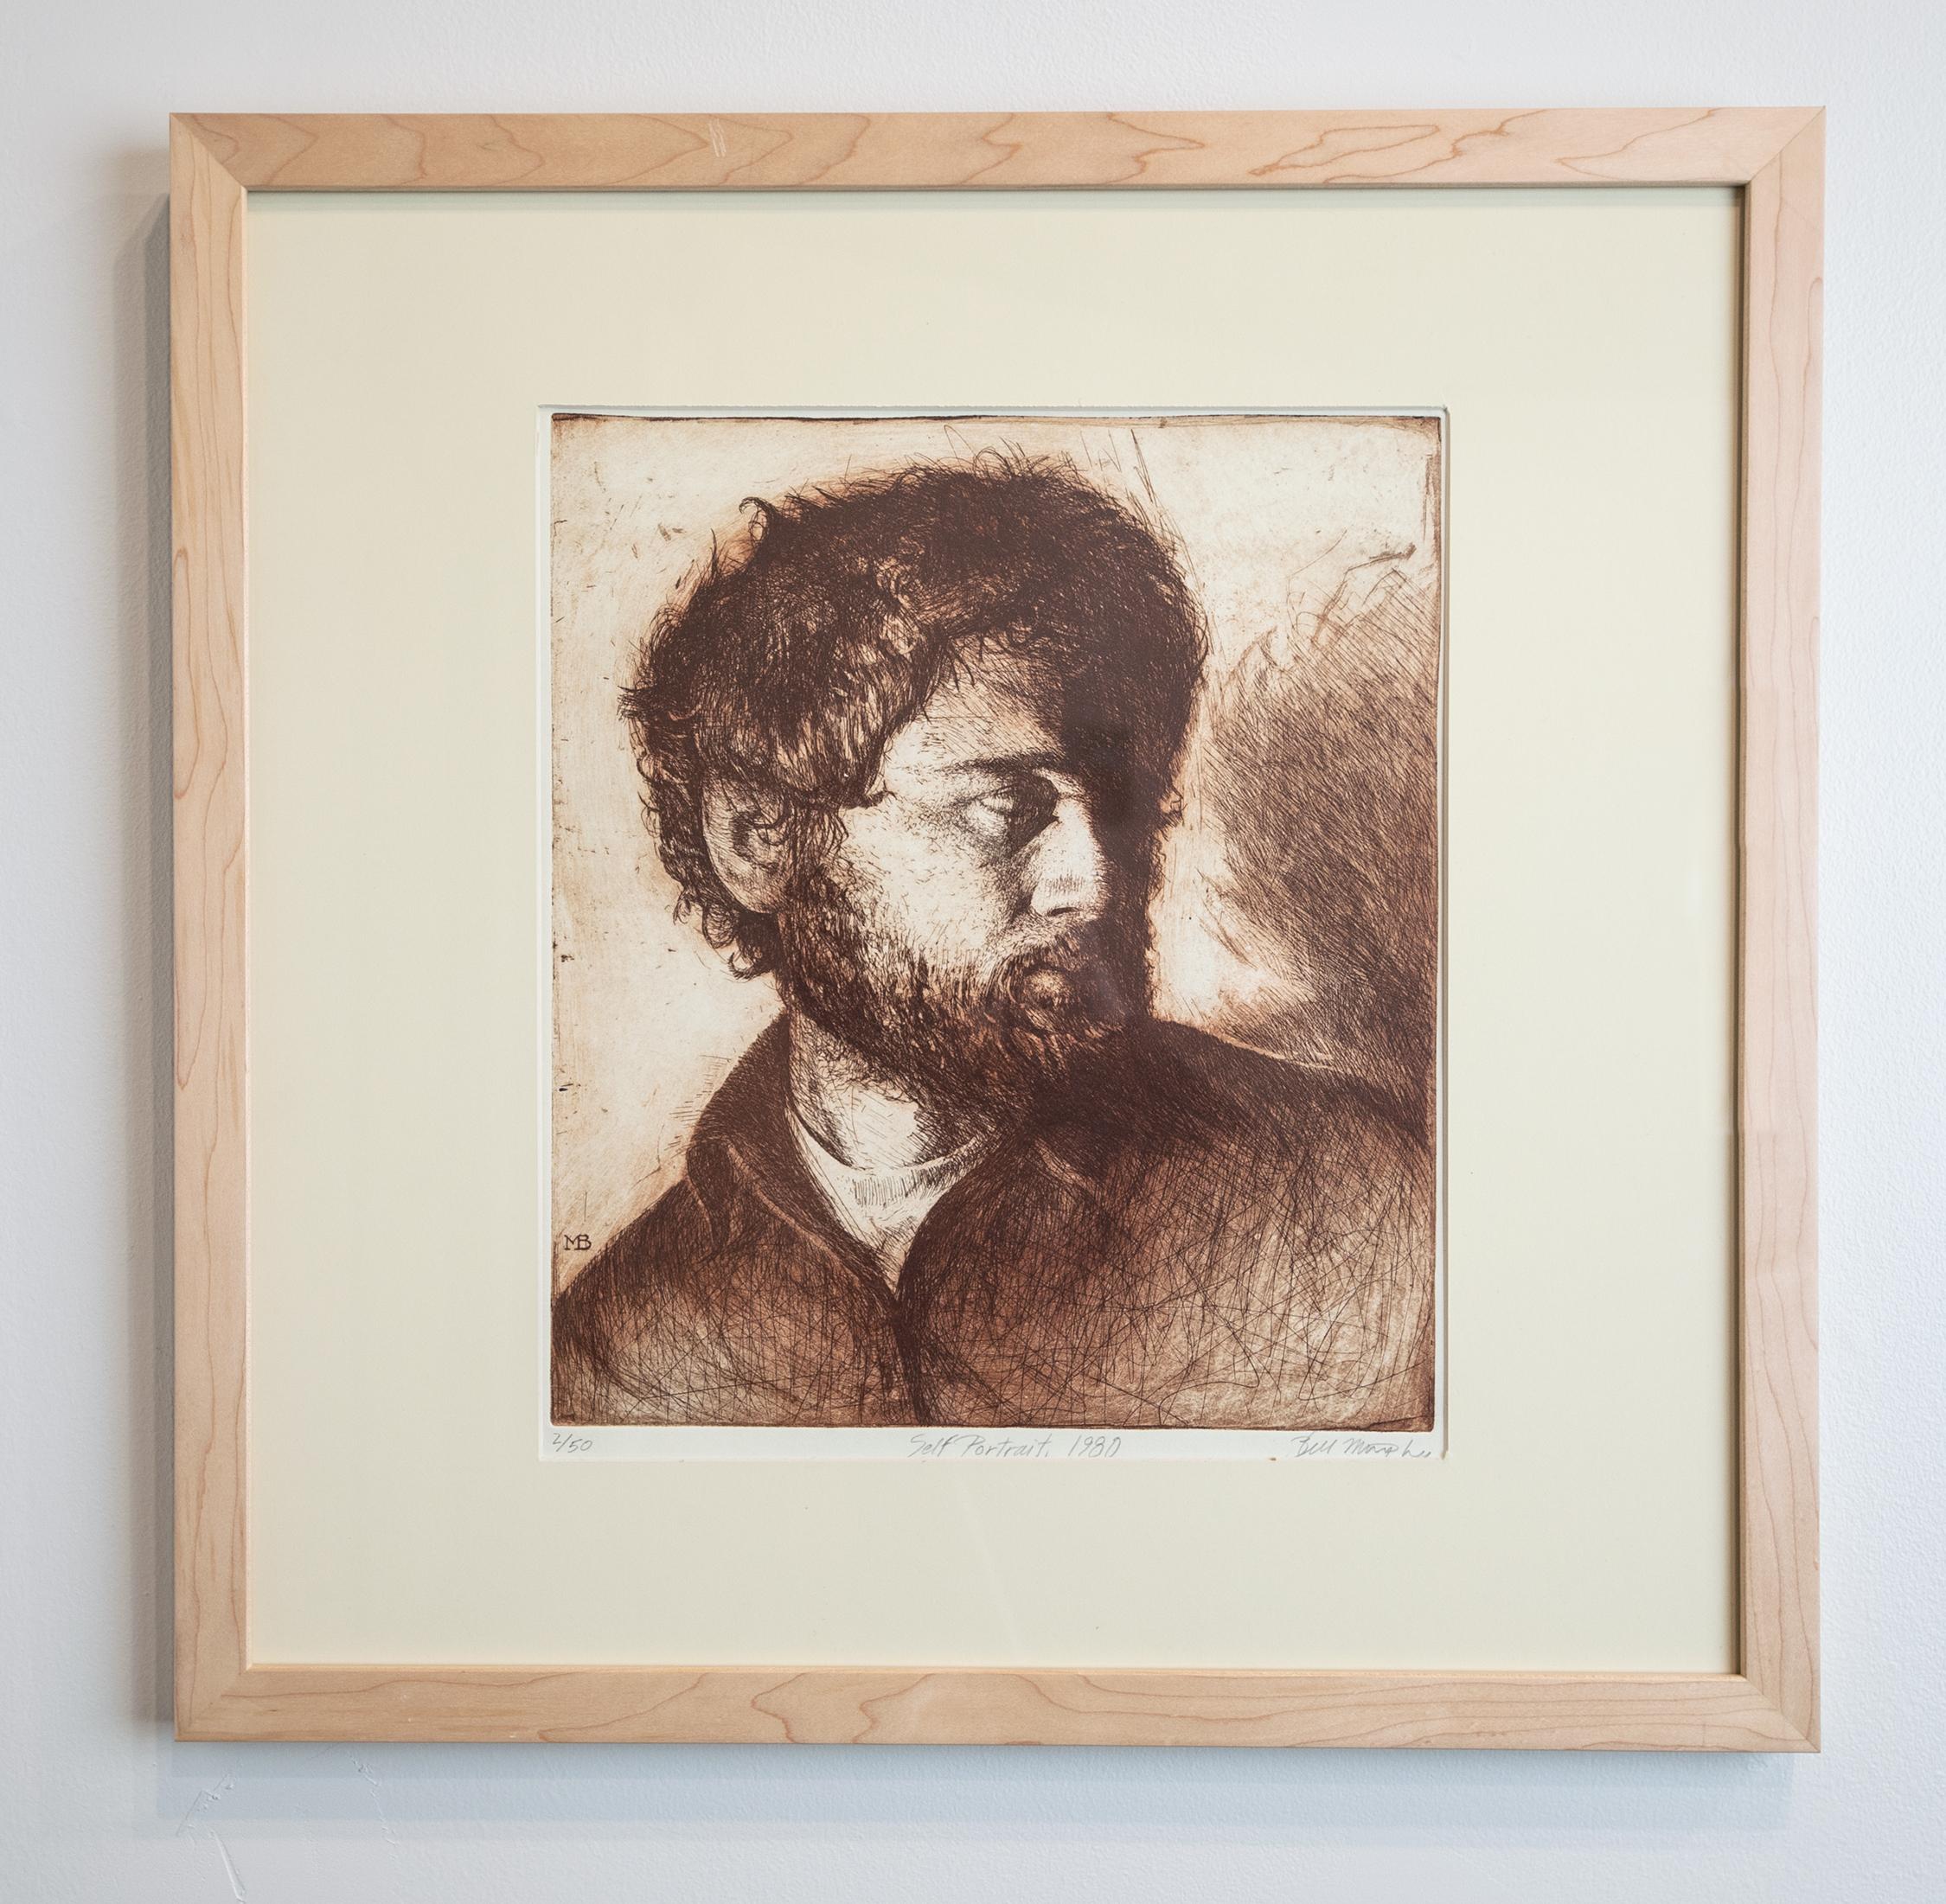 Bill Murphy, Self Portrait, Etching, 18.5in. x 17.75in., 1980